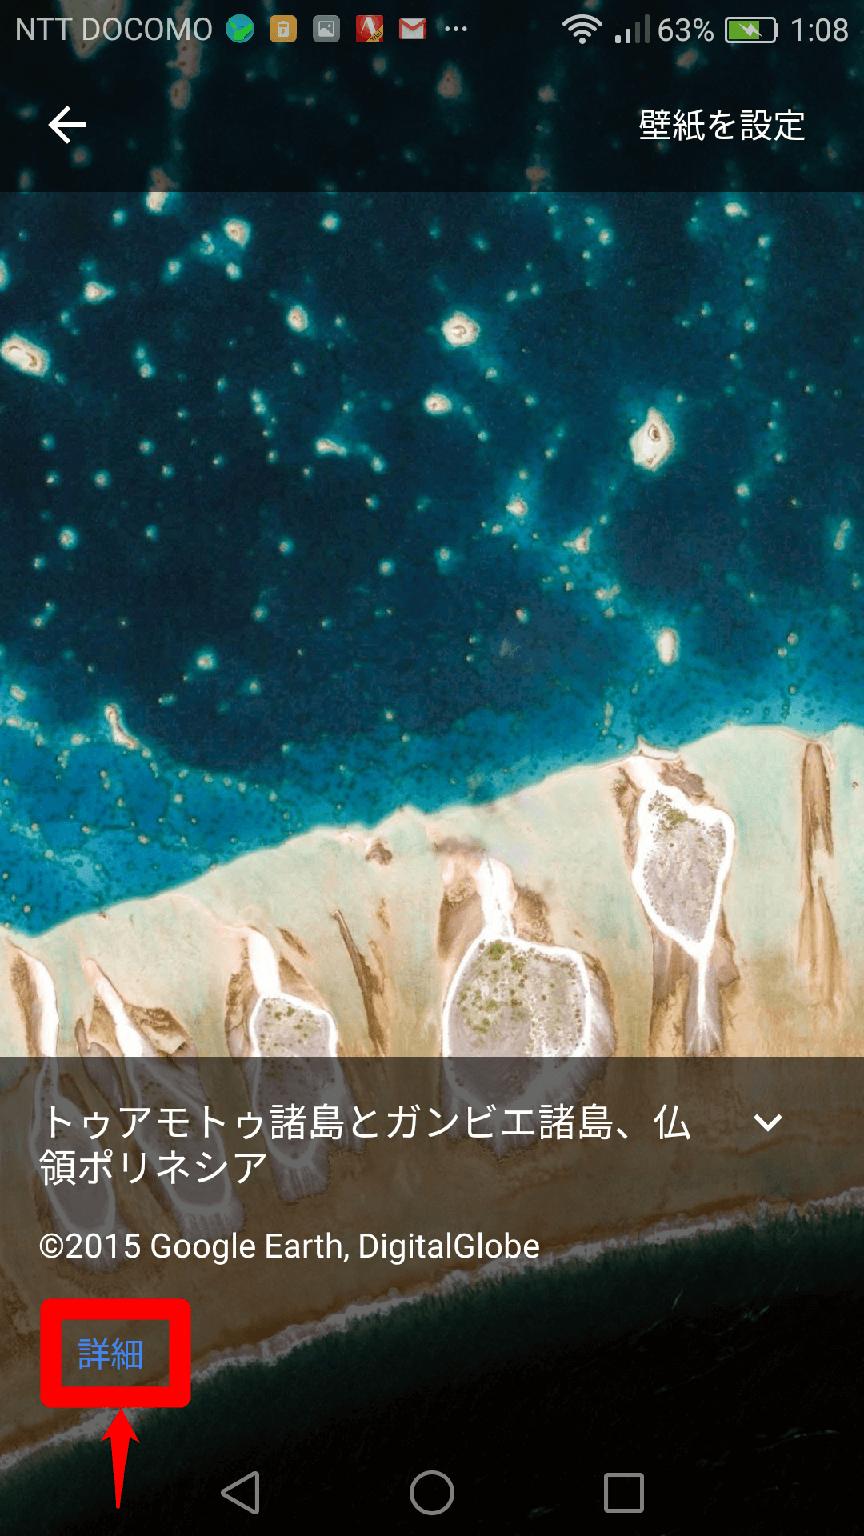 [地球]カテゴリーにある壁紙の画面